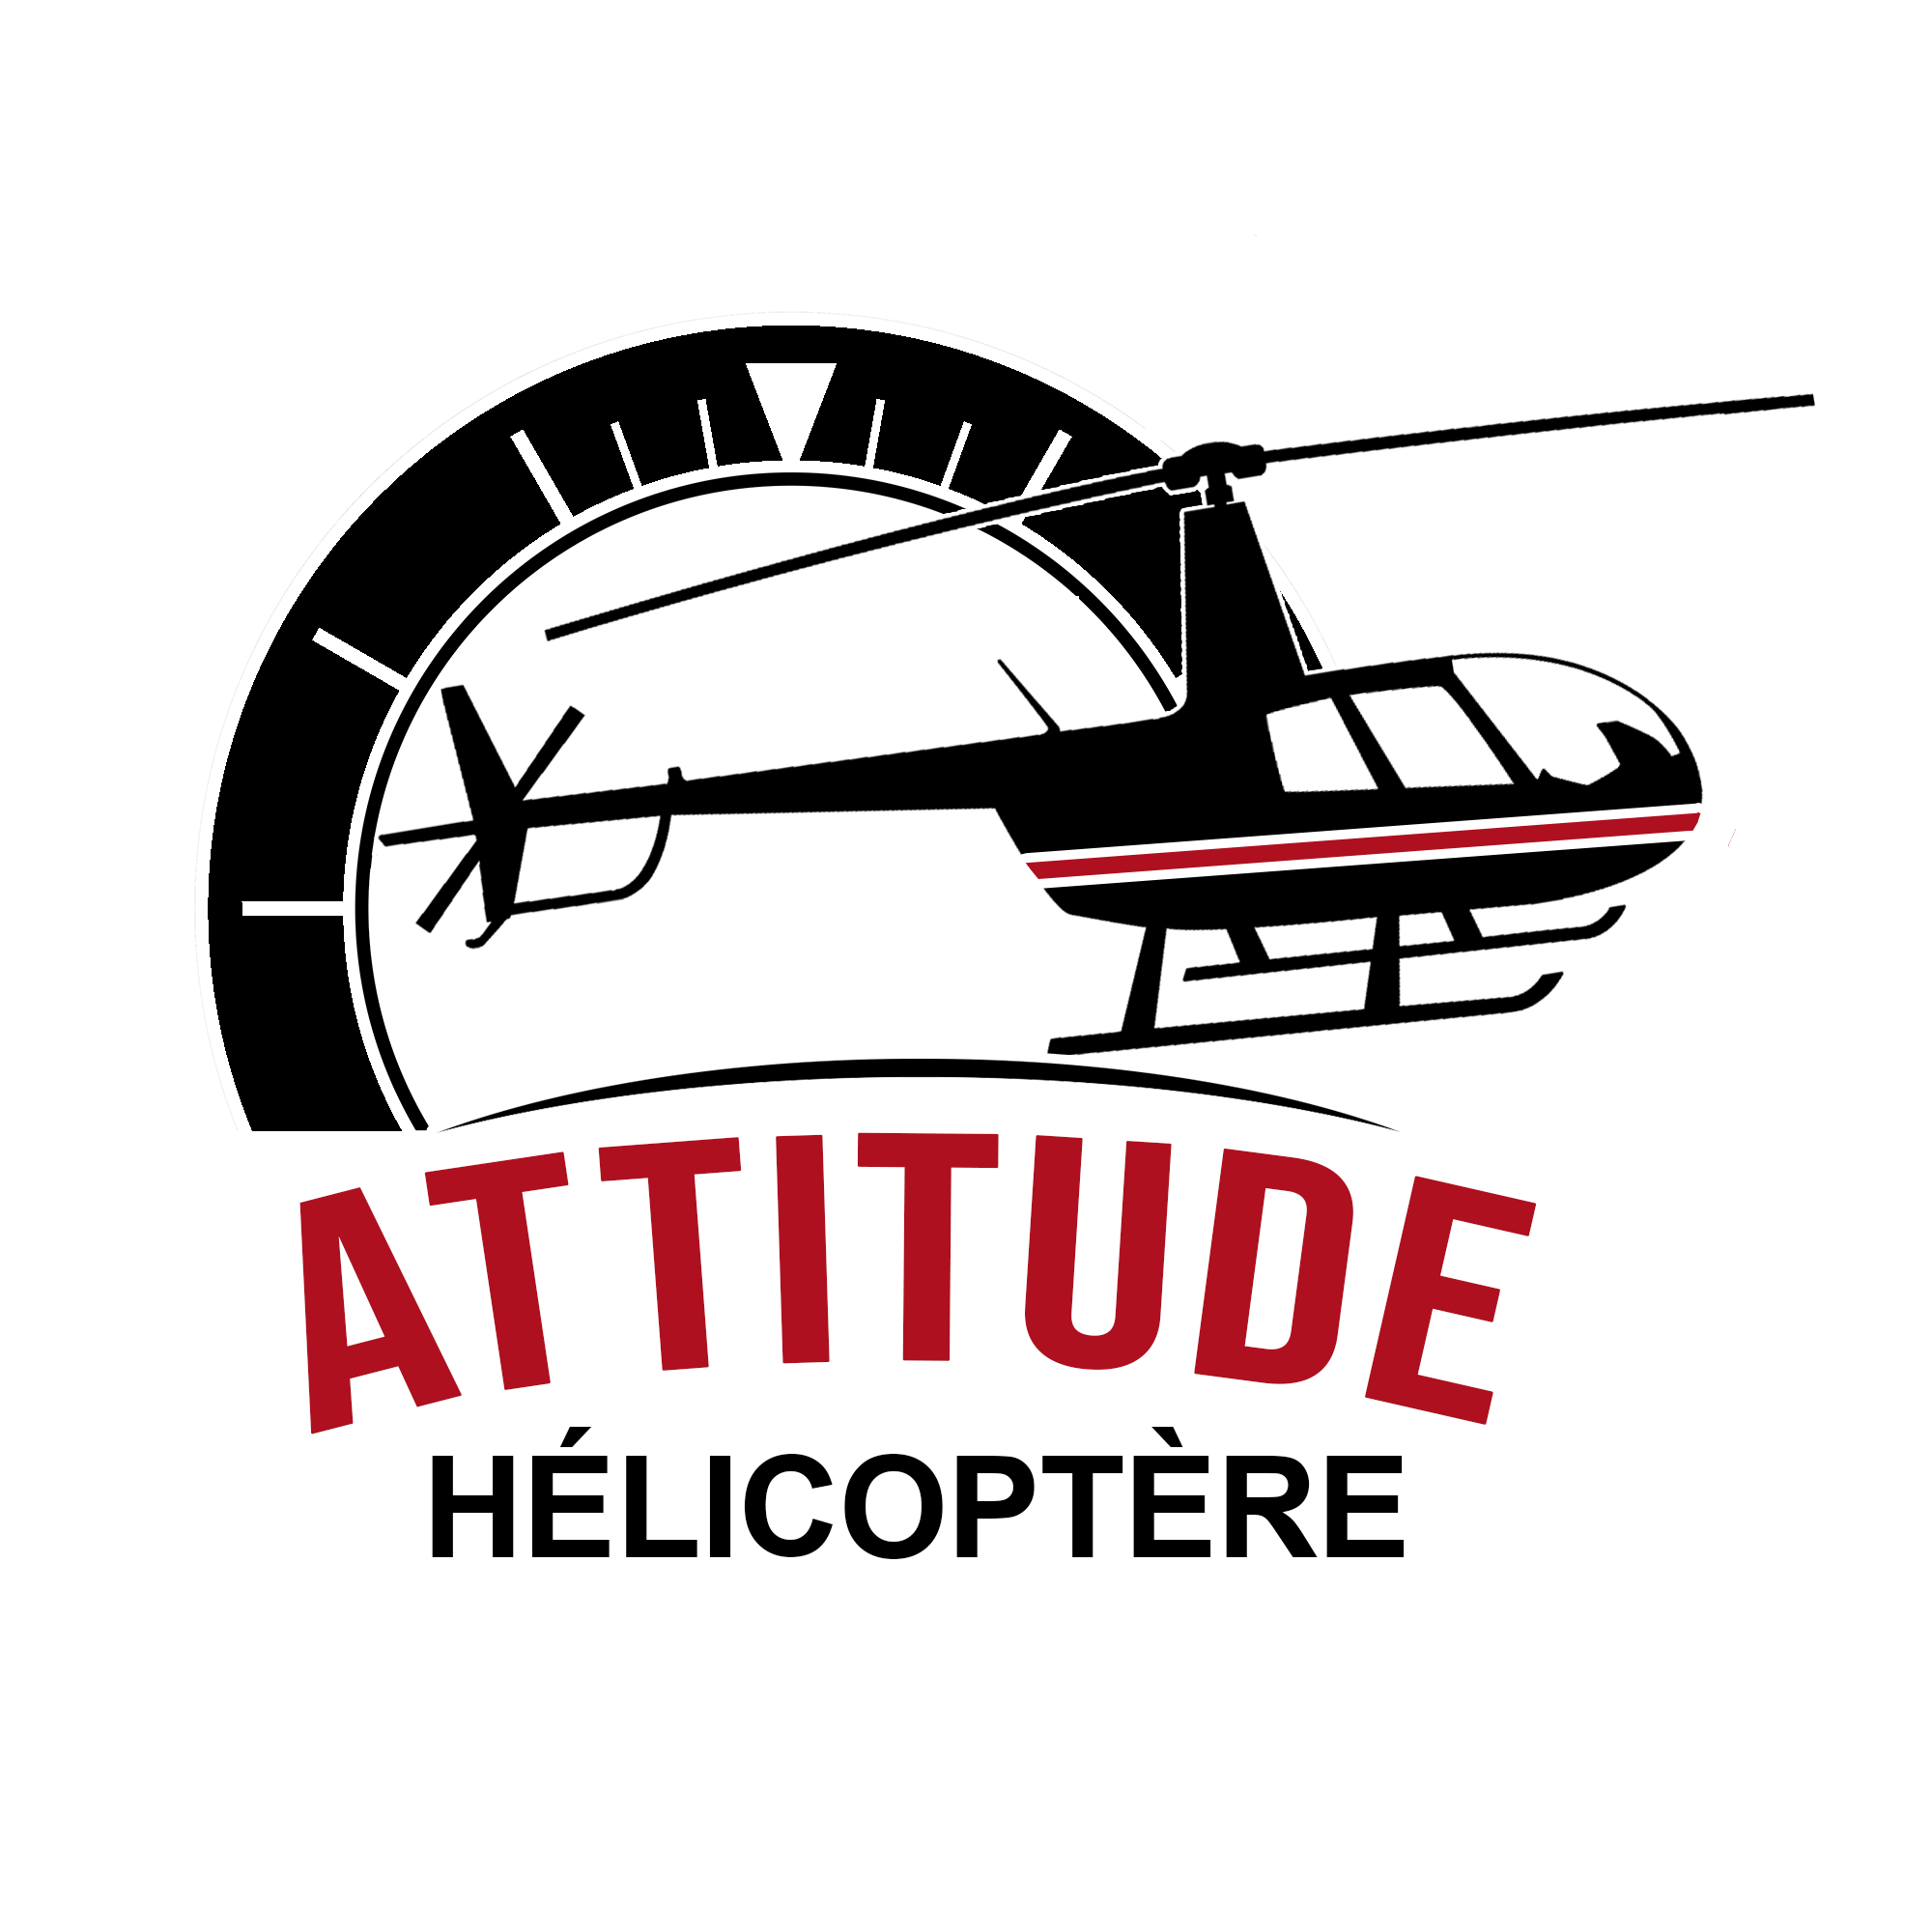 Attitude Hélicoptère